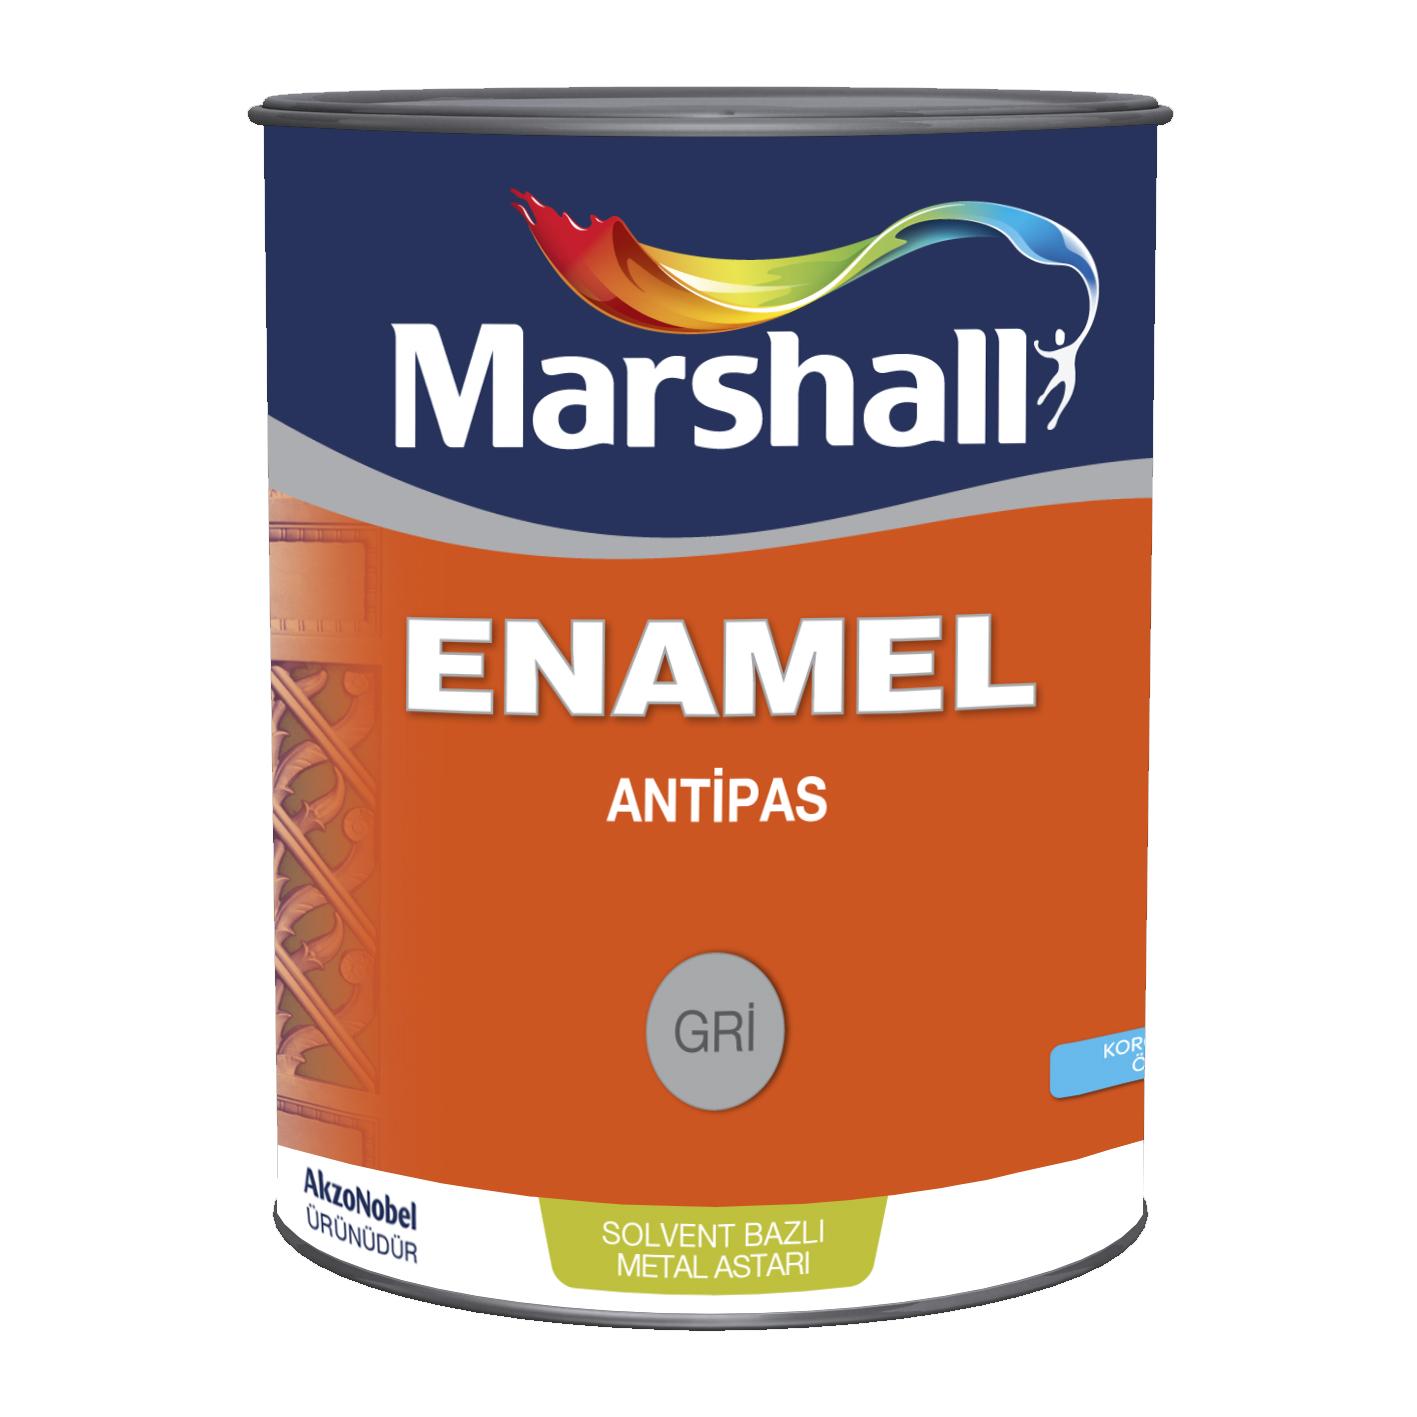 Marshall Enamel Antipas Gri 0.75Lt